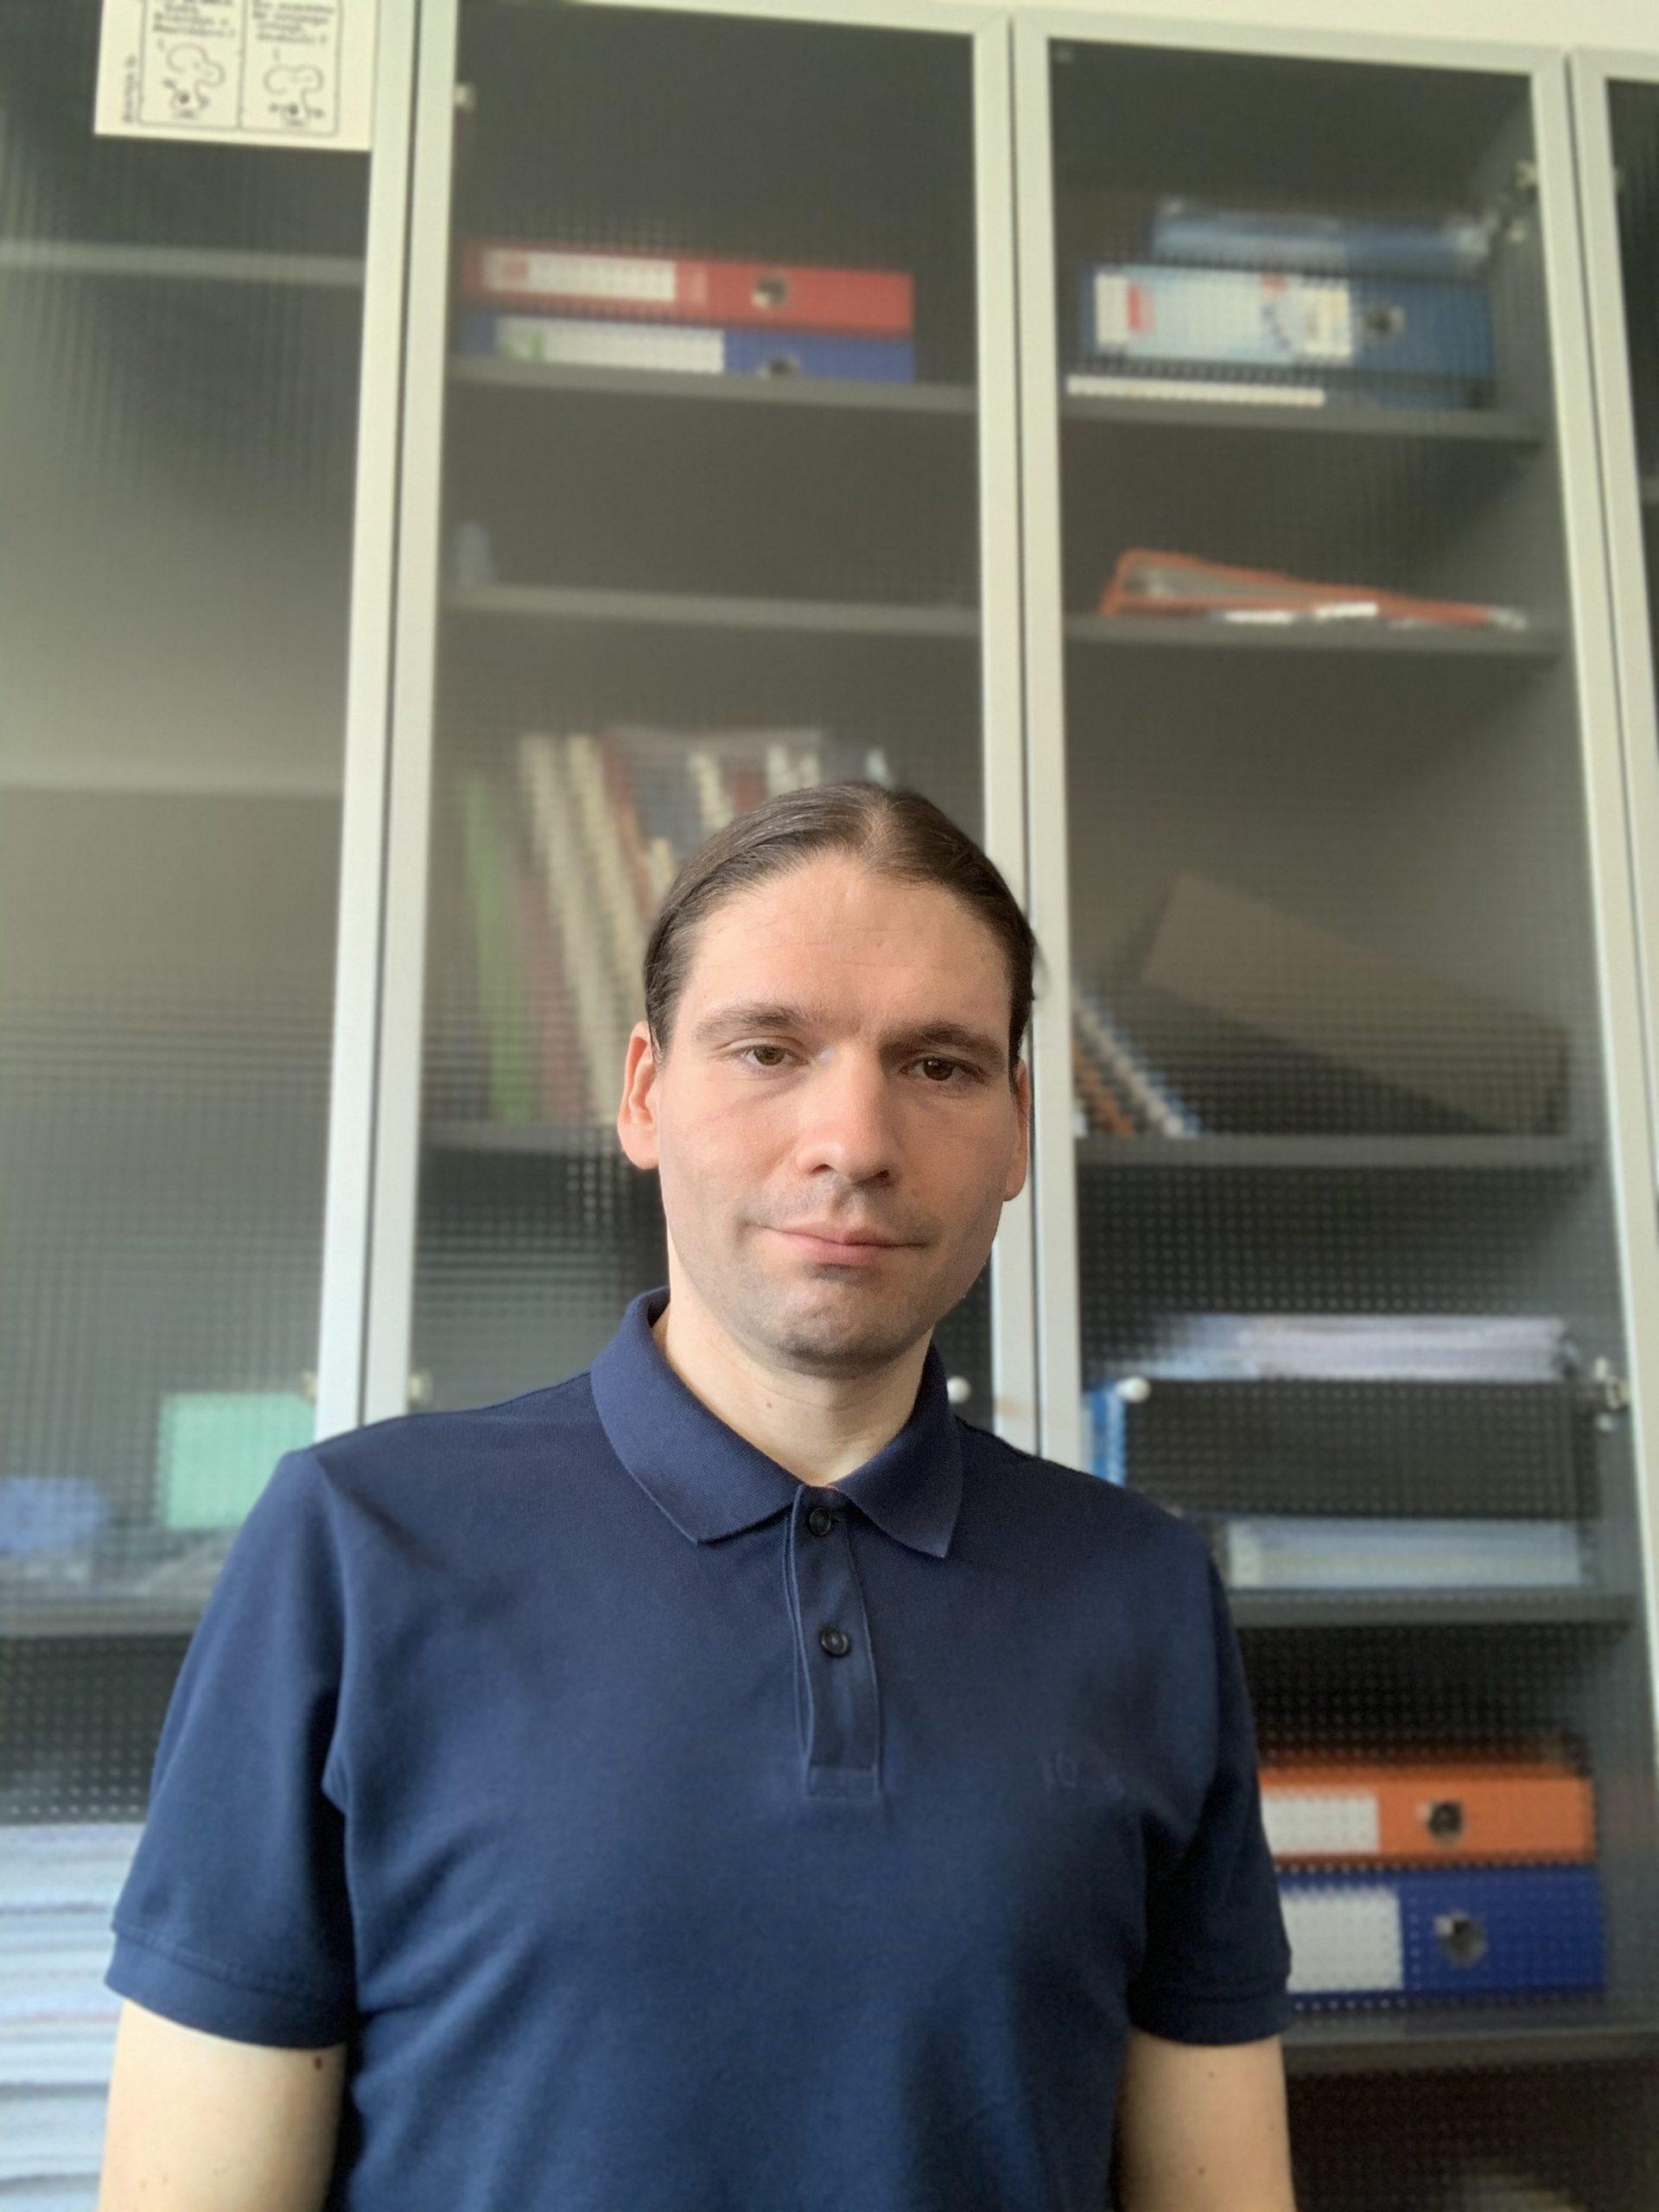 Primož Kocbek